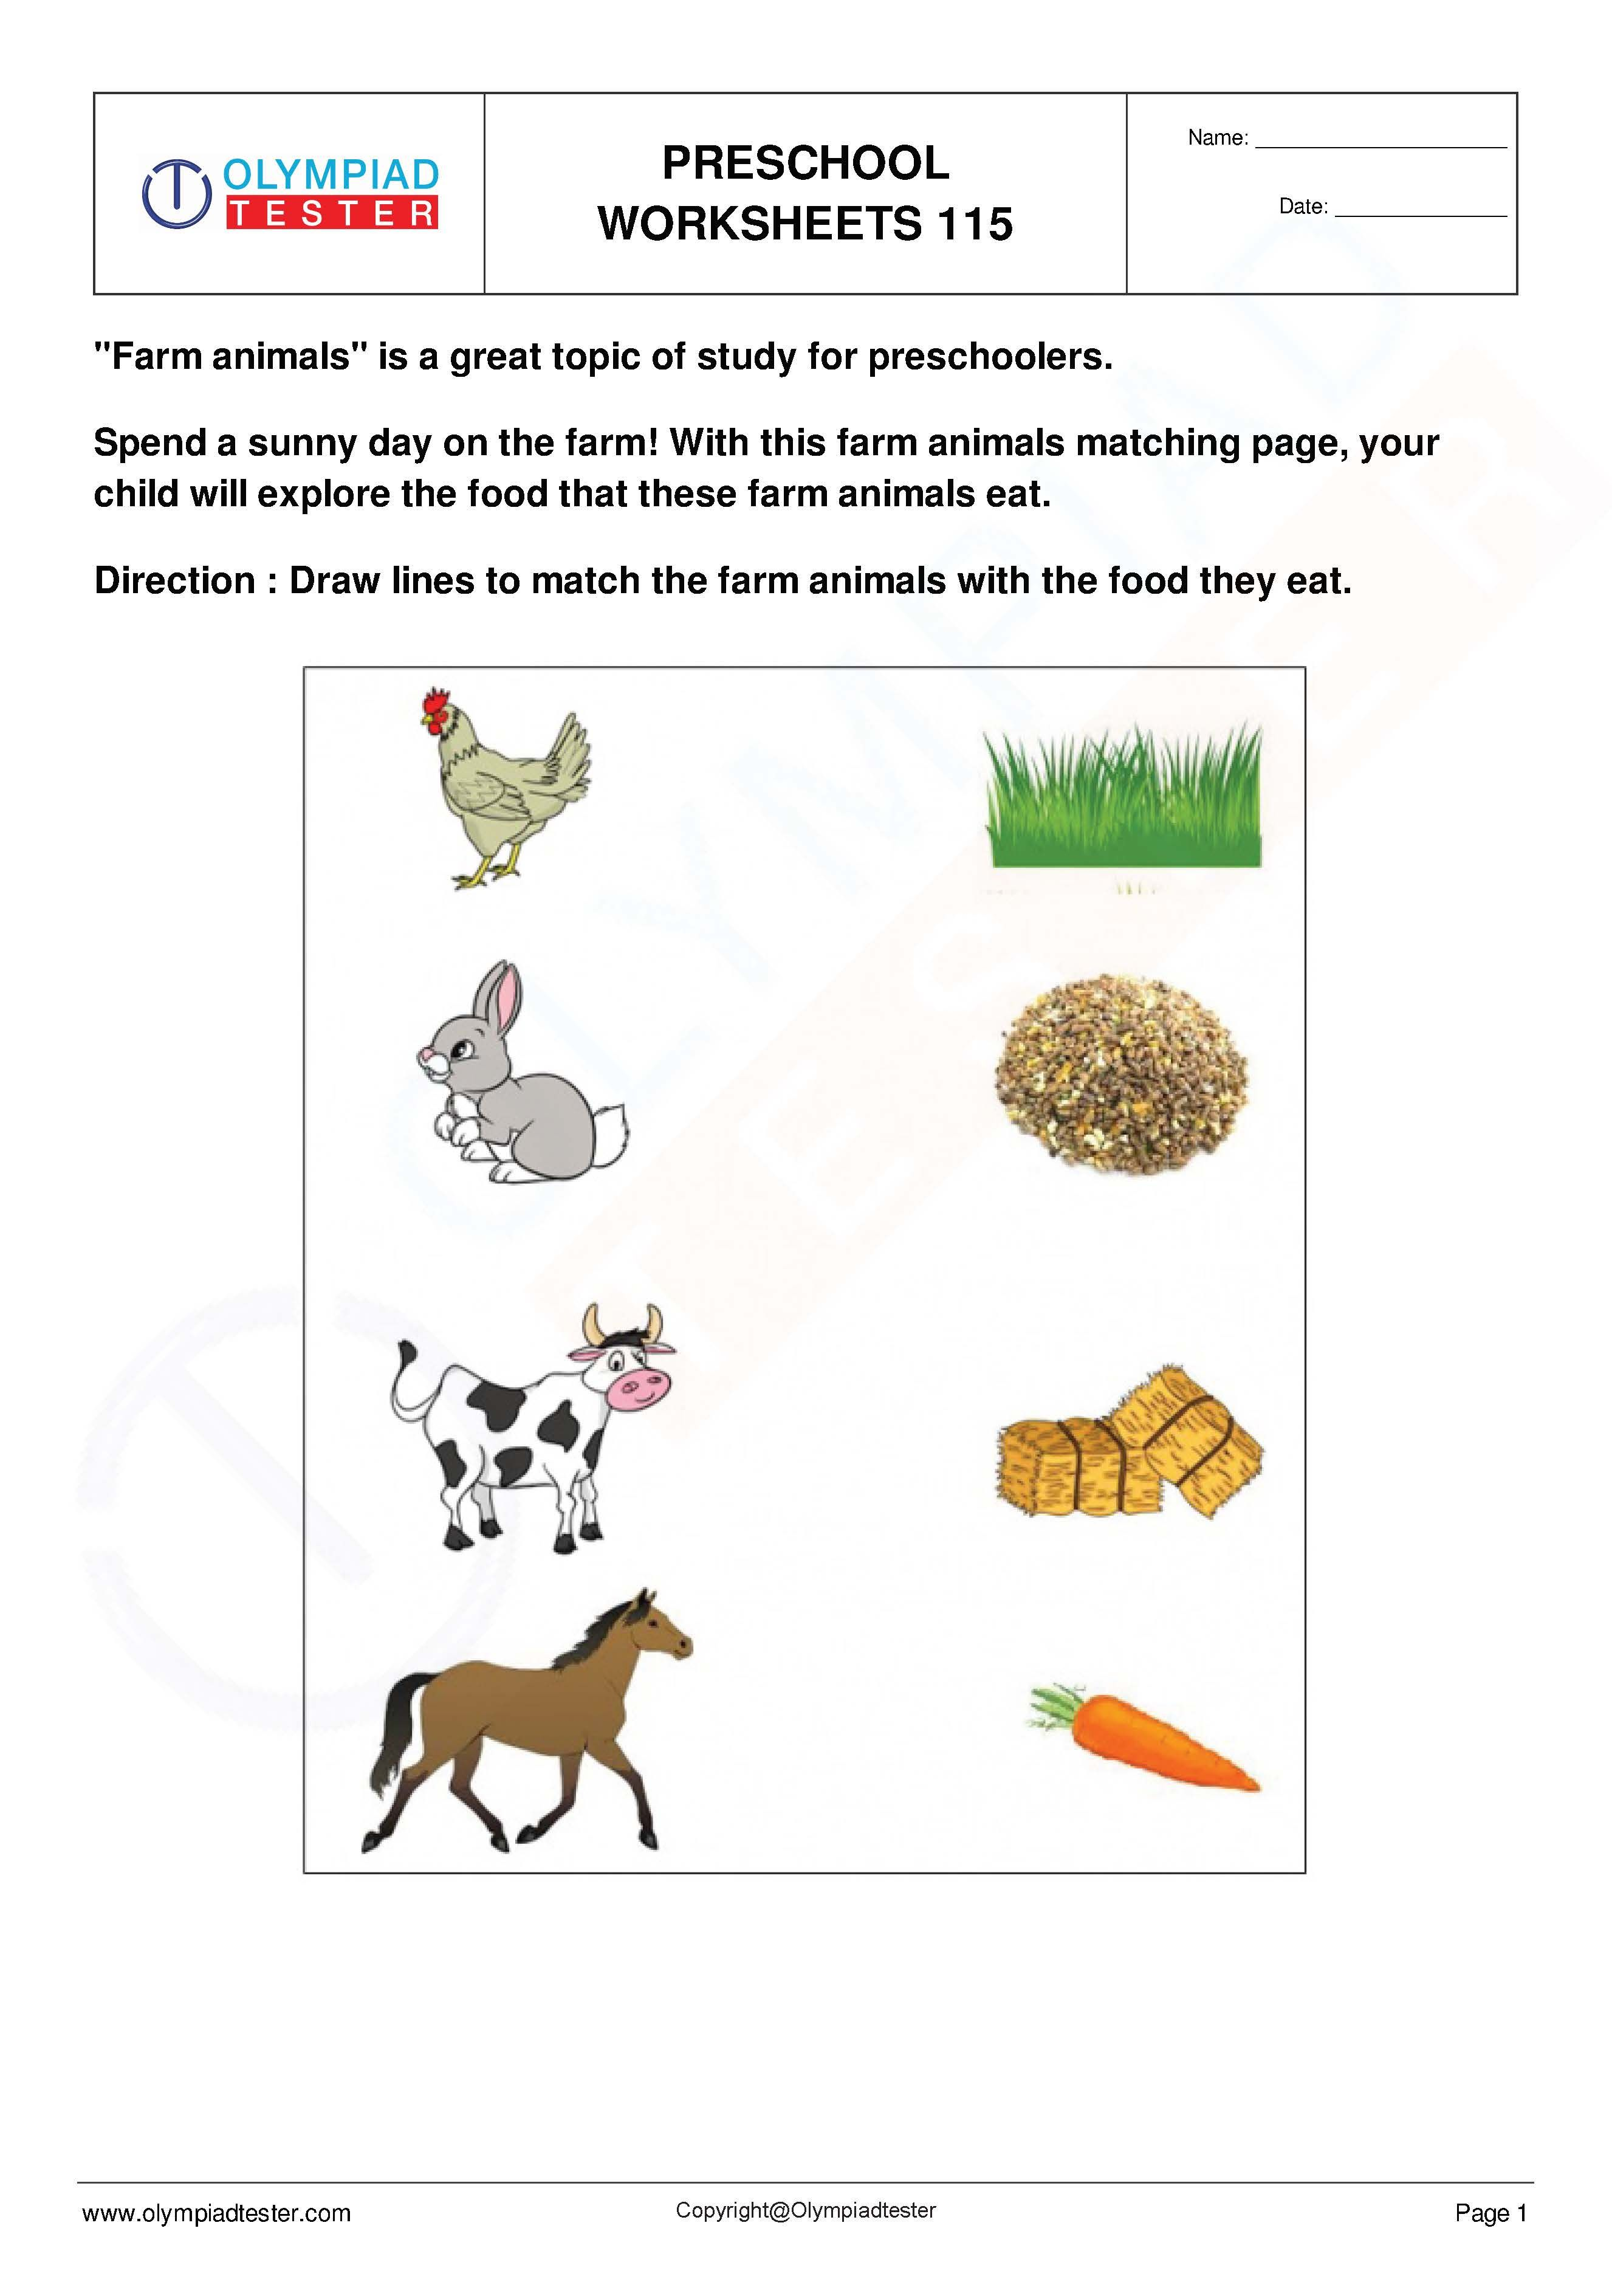 Preschool Worksheets Set 22 In 2021 Kindergarten Worksheets Printable Preschool Worksheets Preschool [ 3778 x 2653 Pixel ]